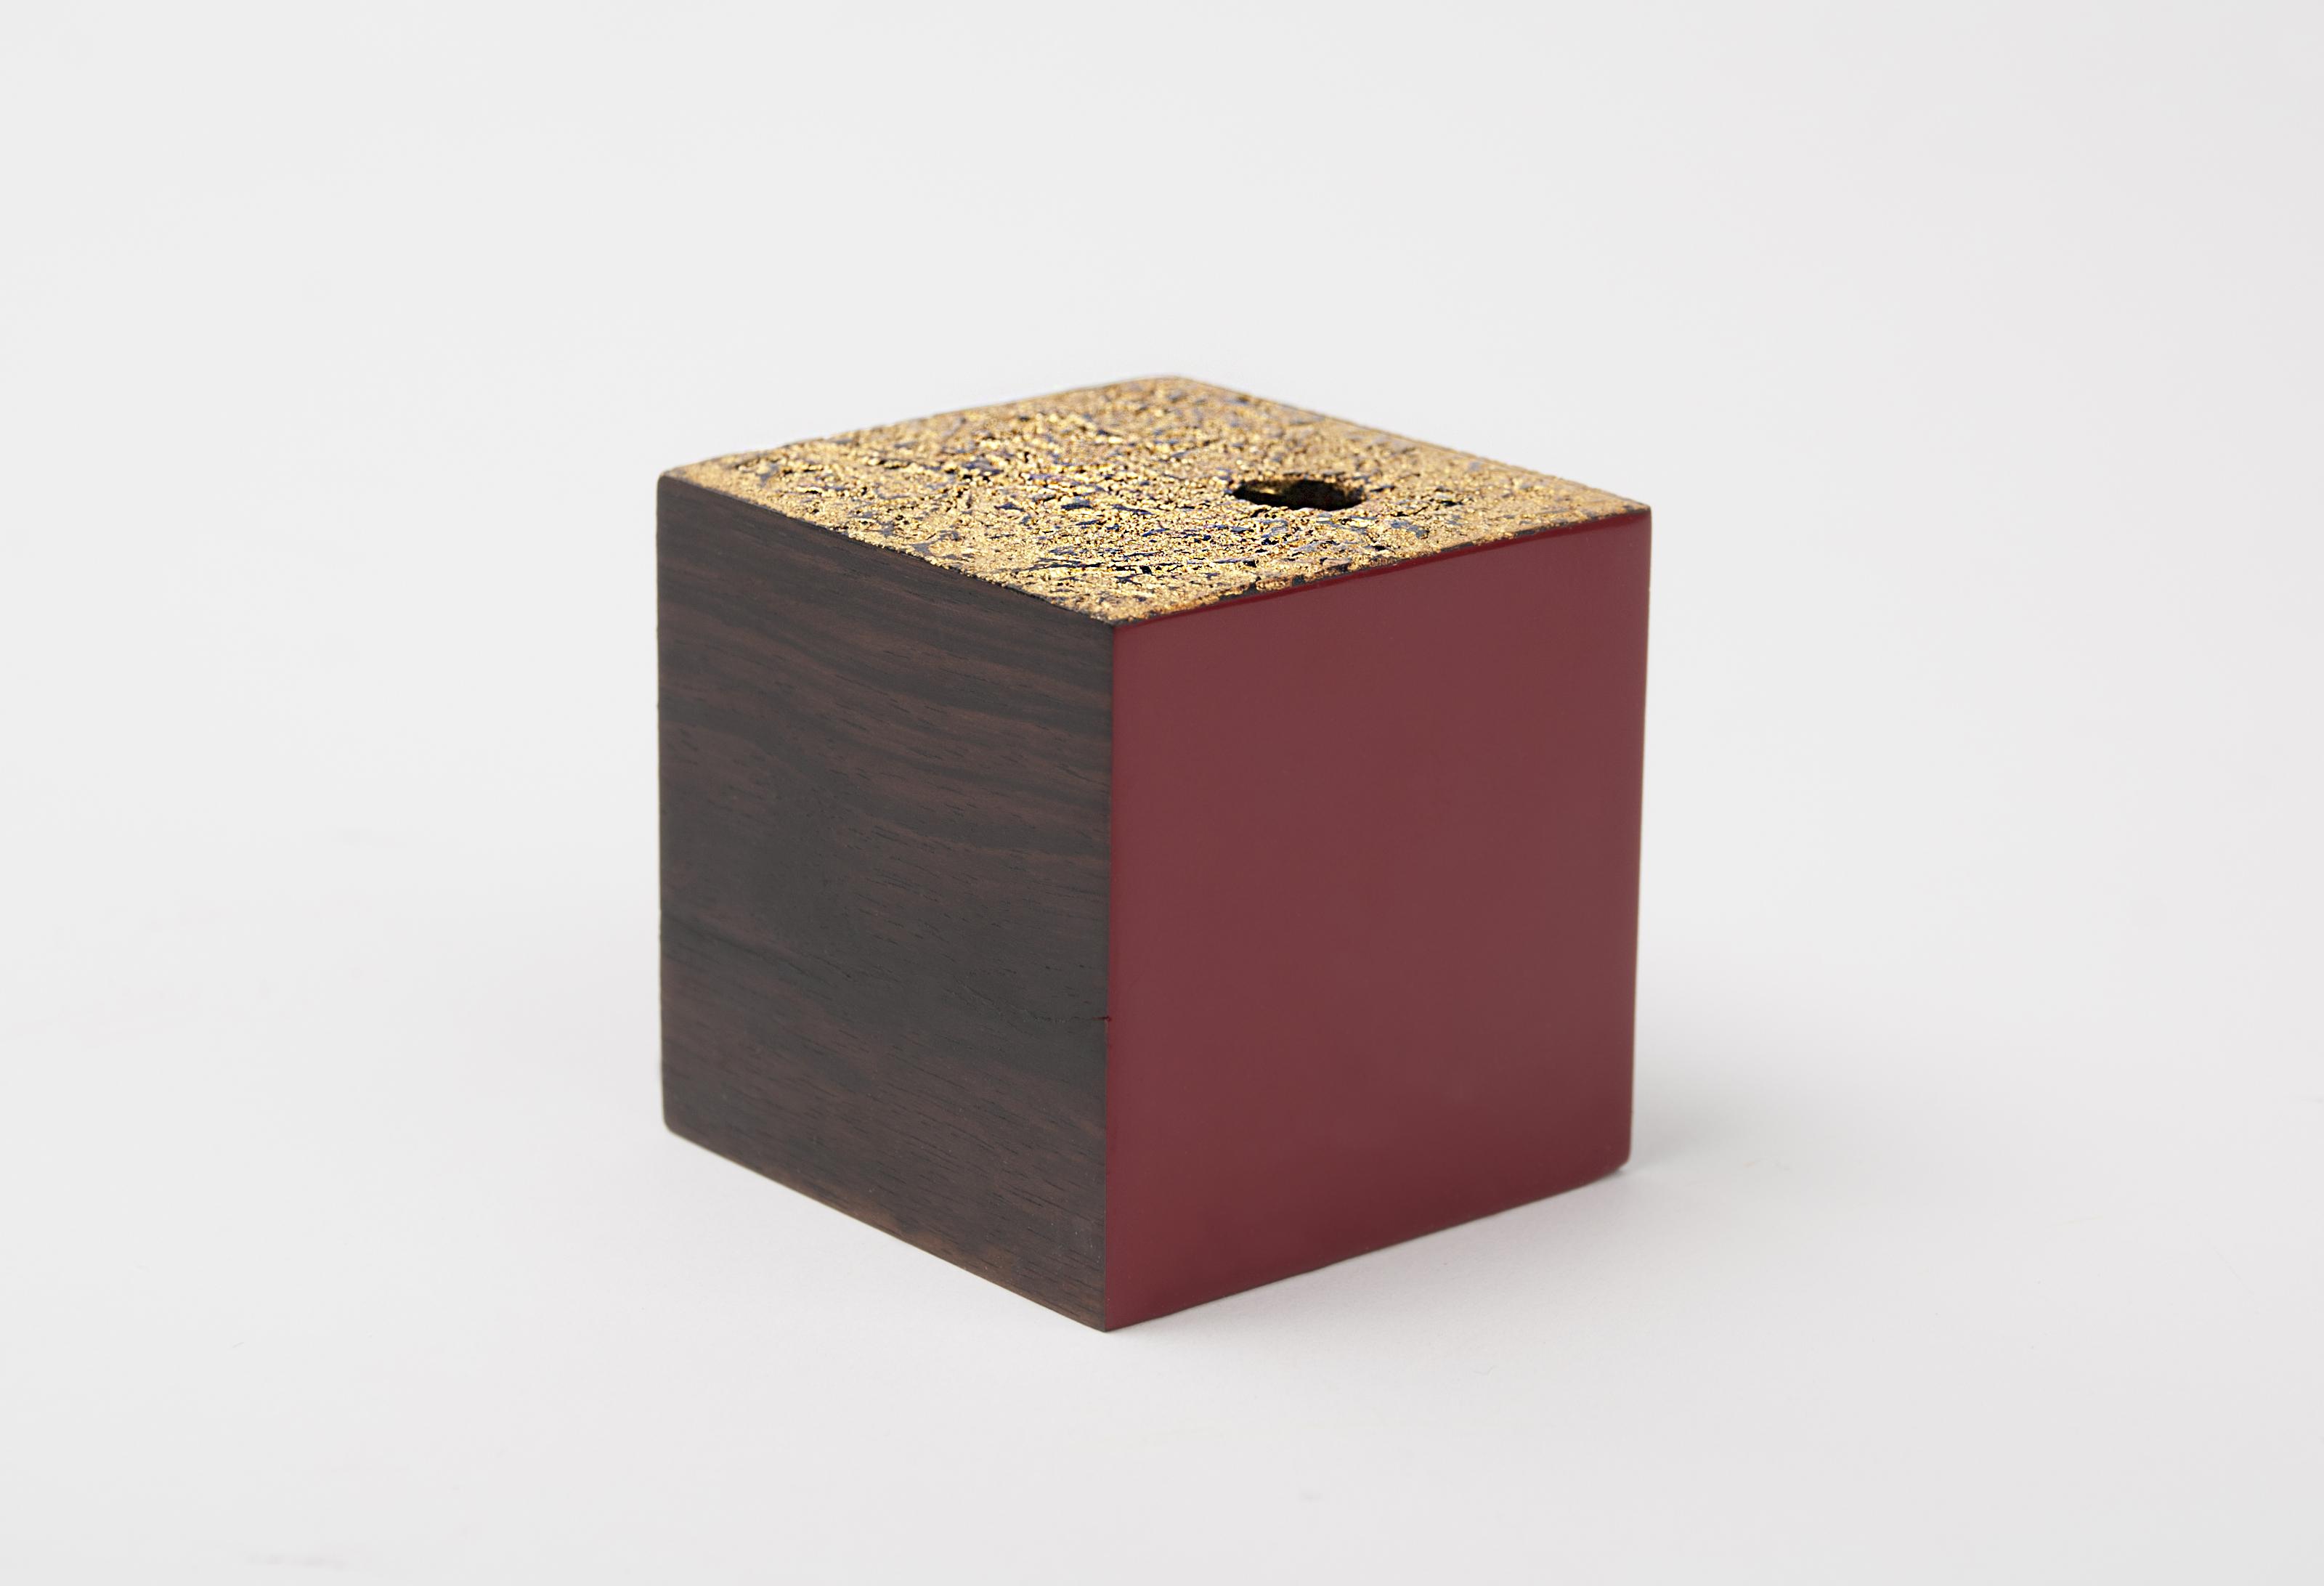 6, square